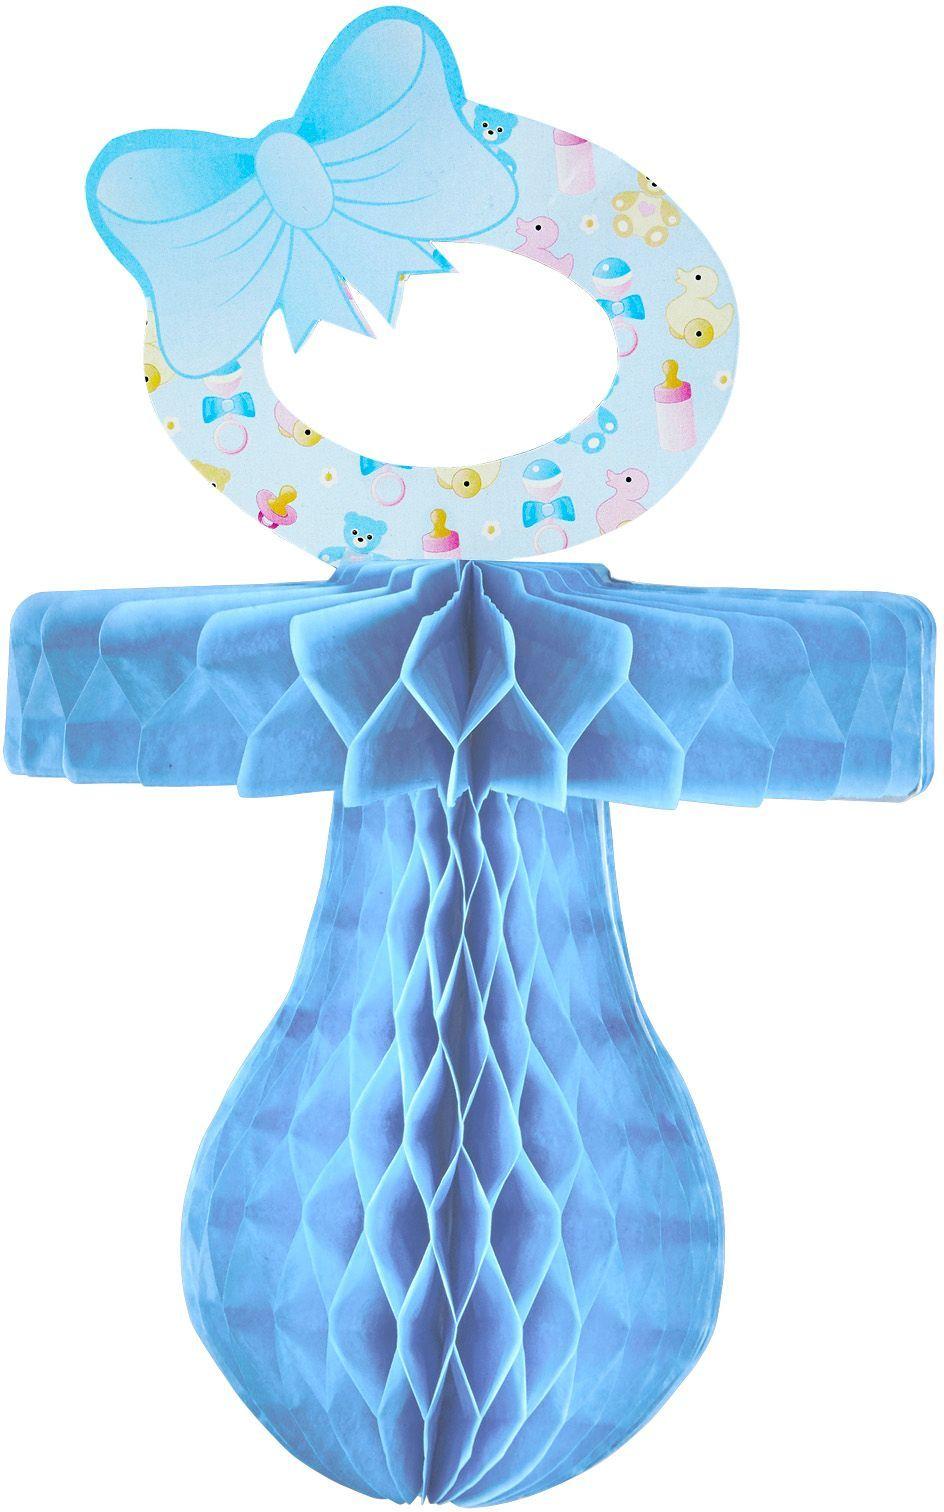 Blauwe speen decoratie